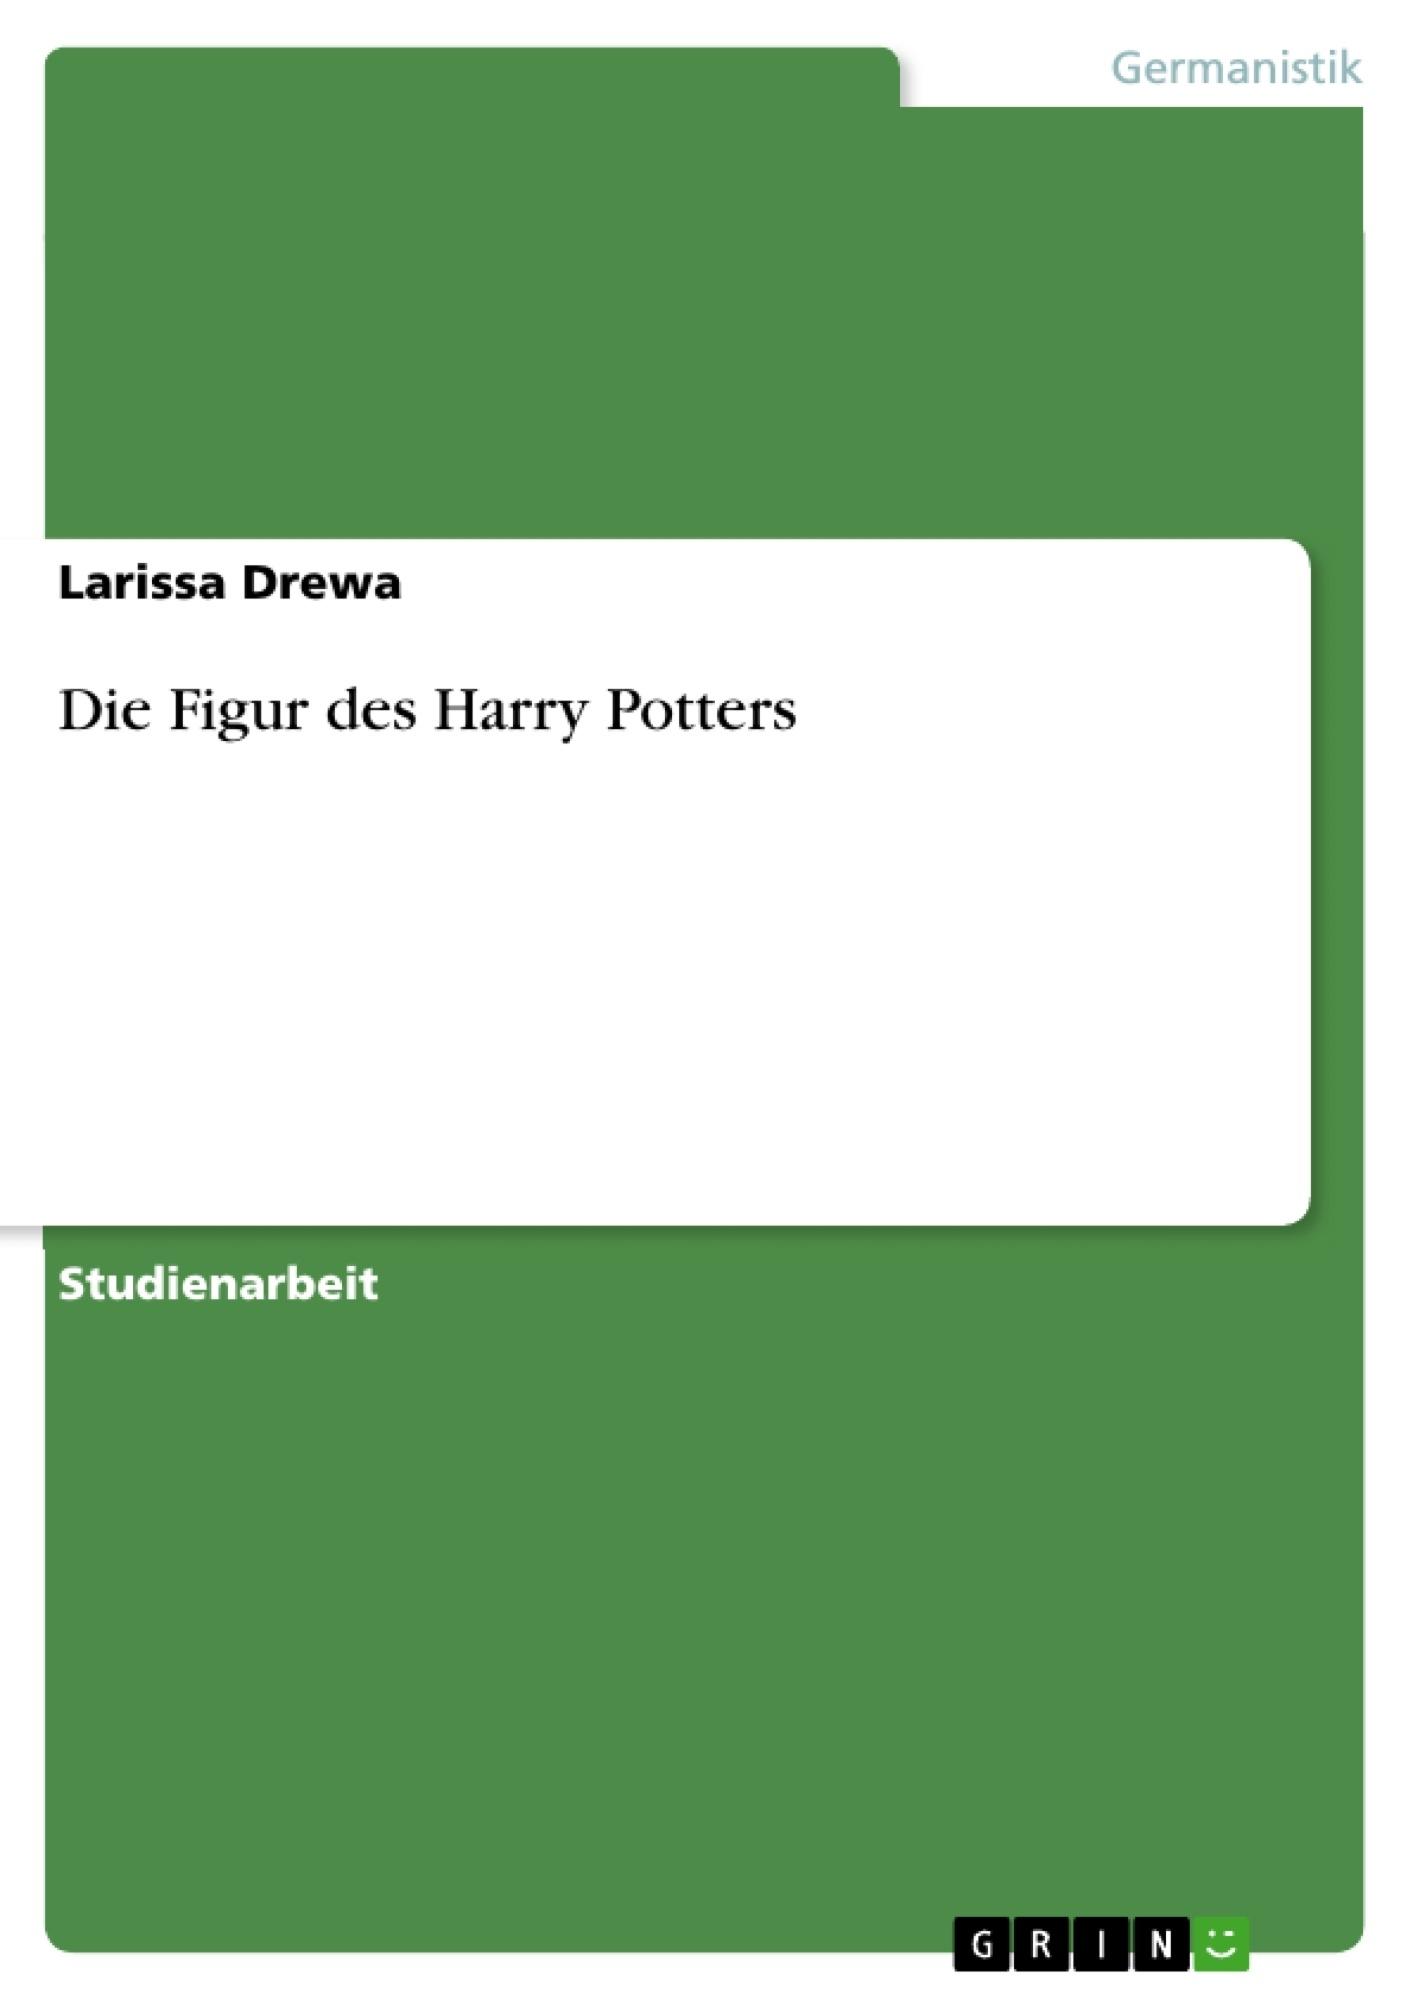 Titel: Die Figur des Harry Potters